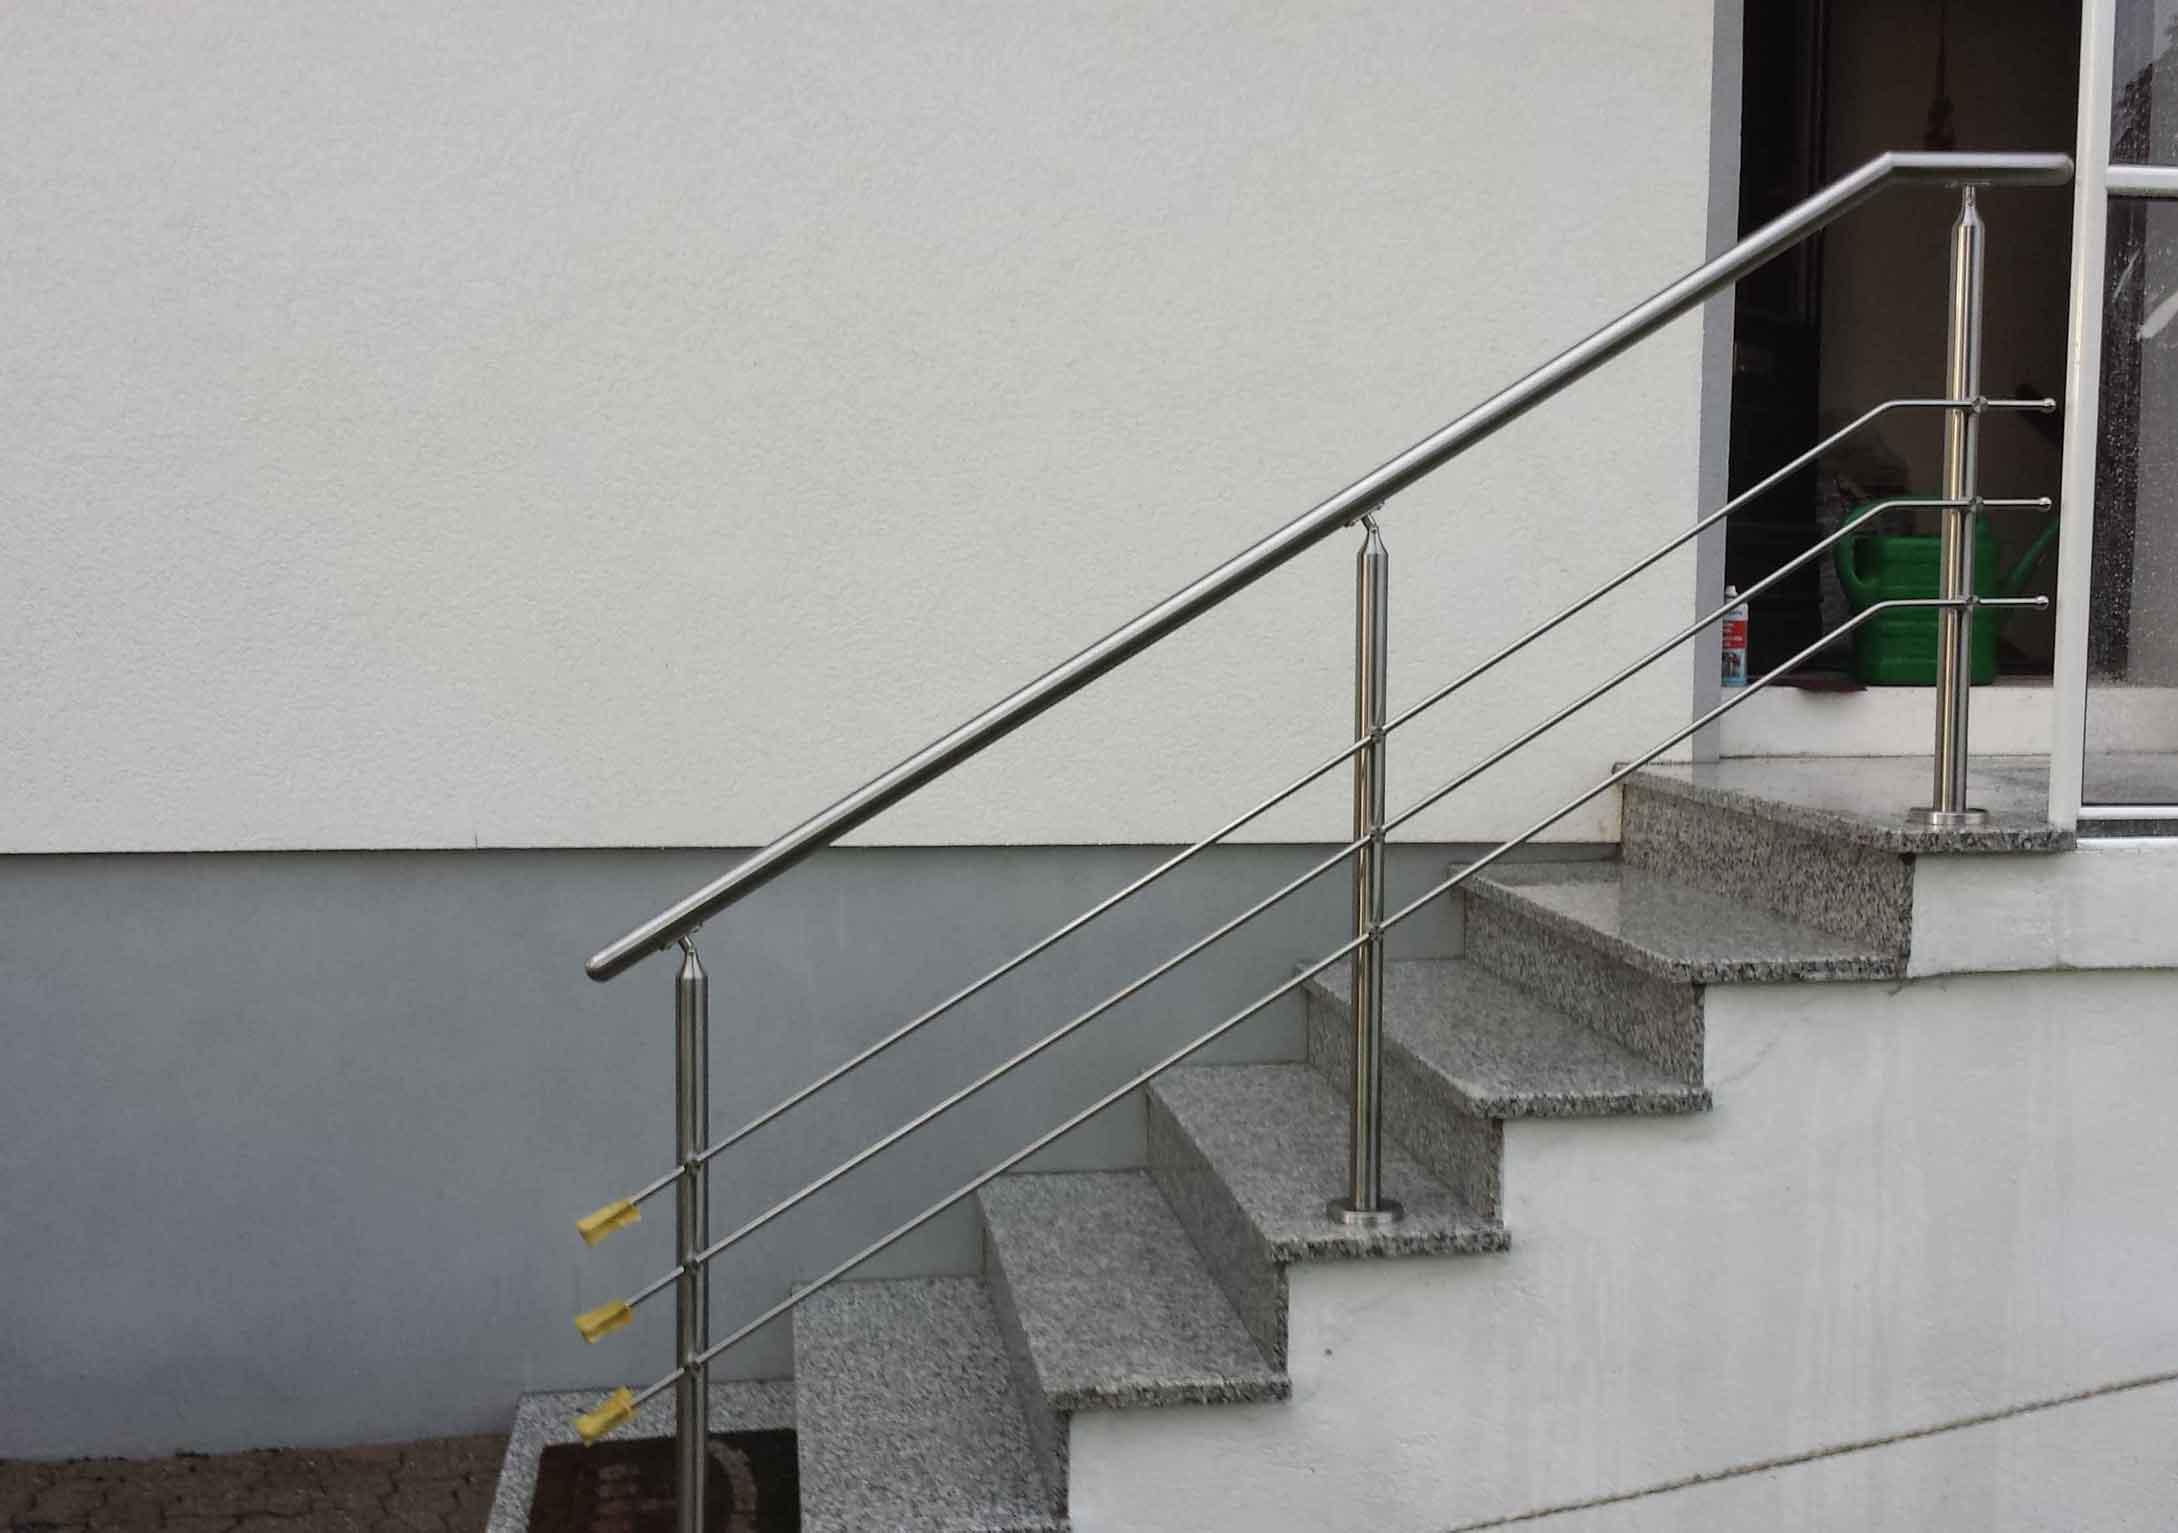 Hirsch Metallbau Treppengeländer 004 - Treppengeländer-04